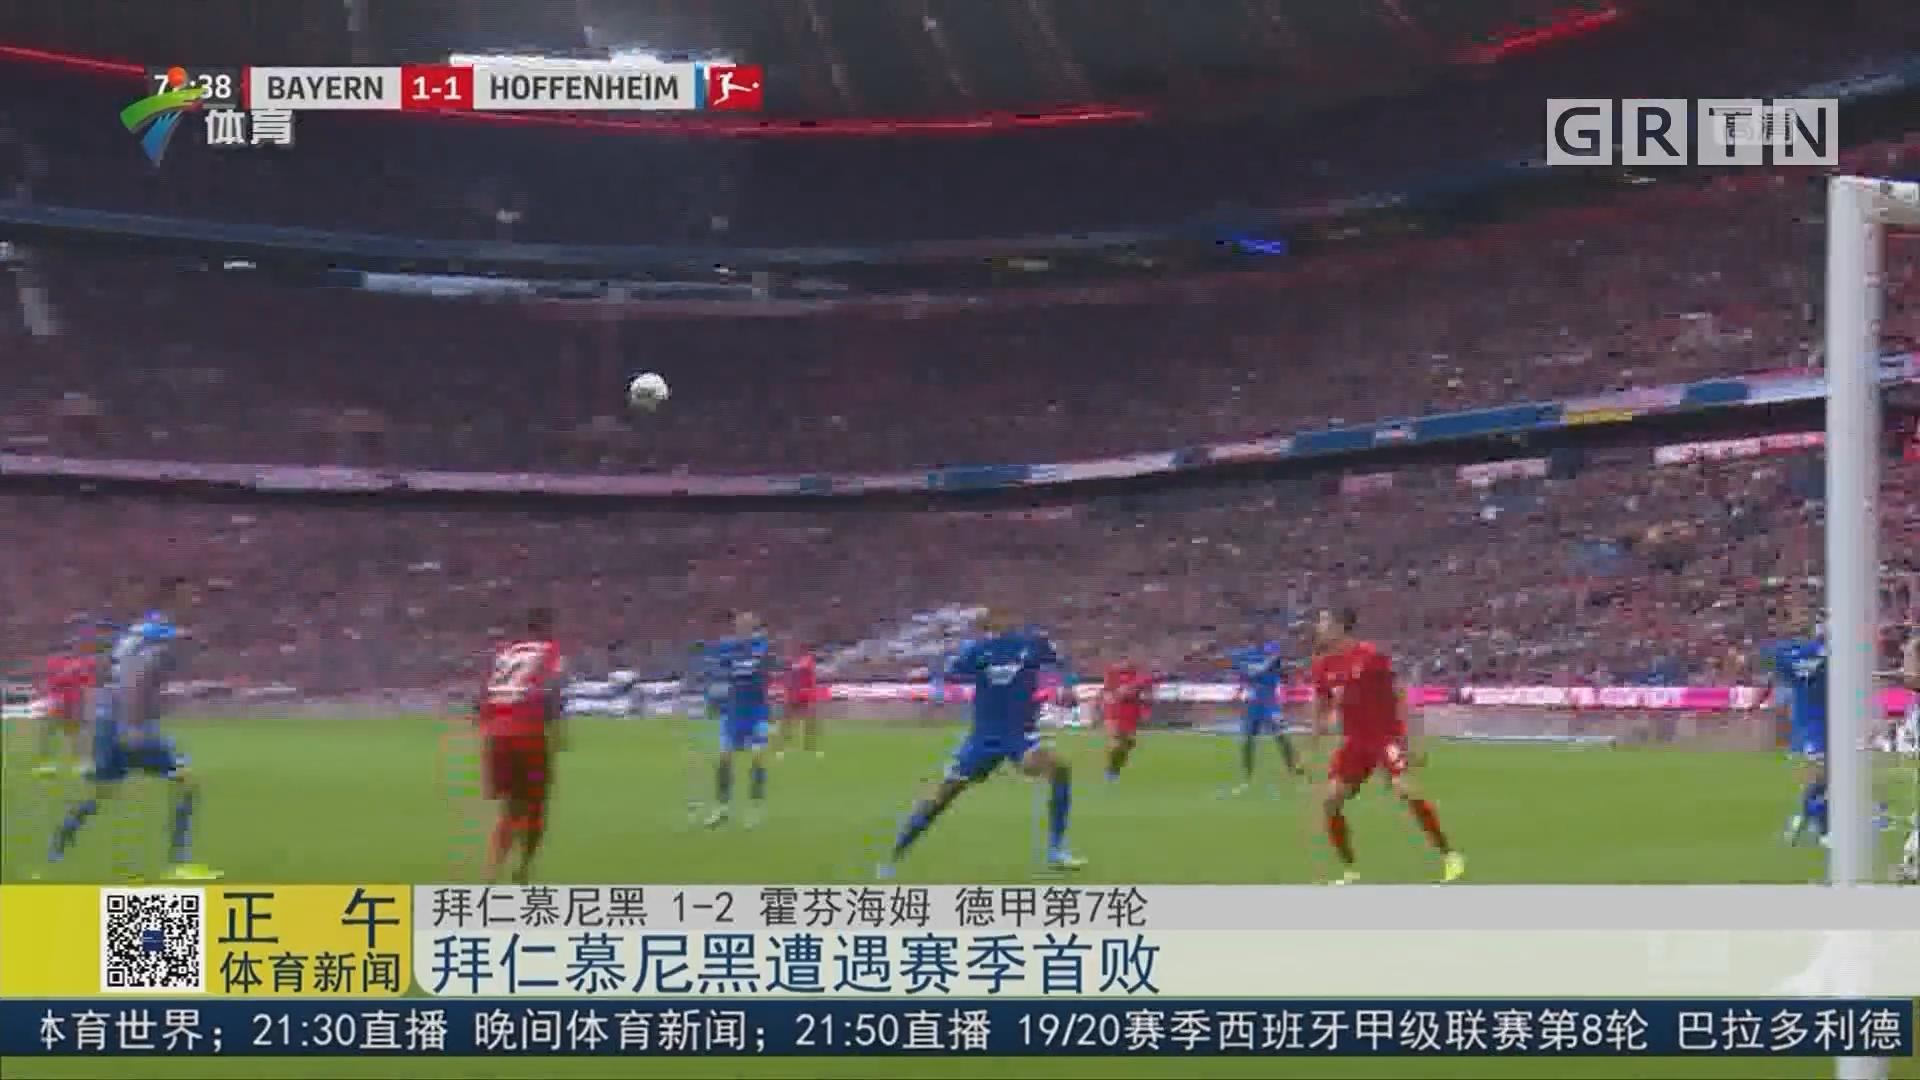 拜仁慕尼黑遭遇赛季首败